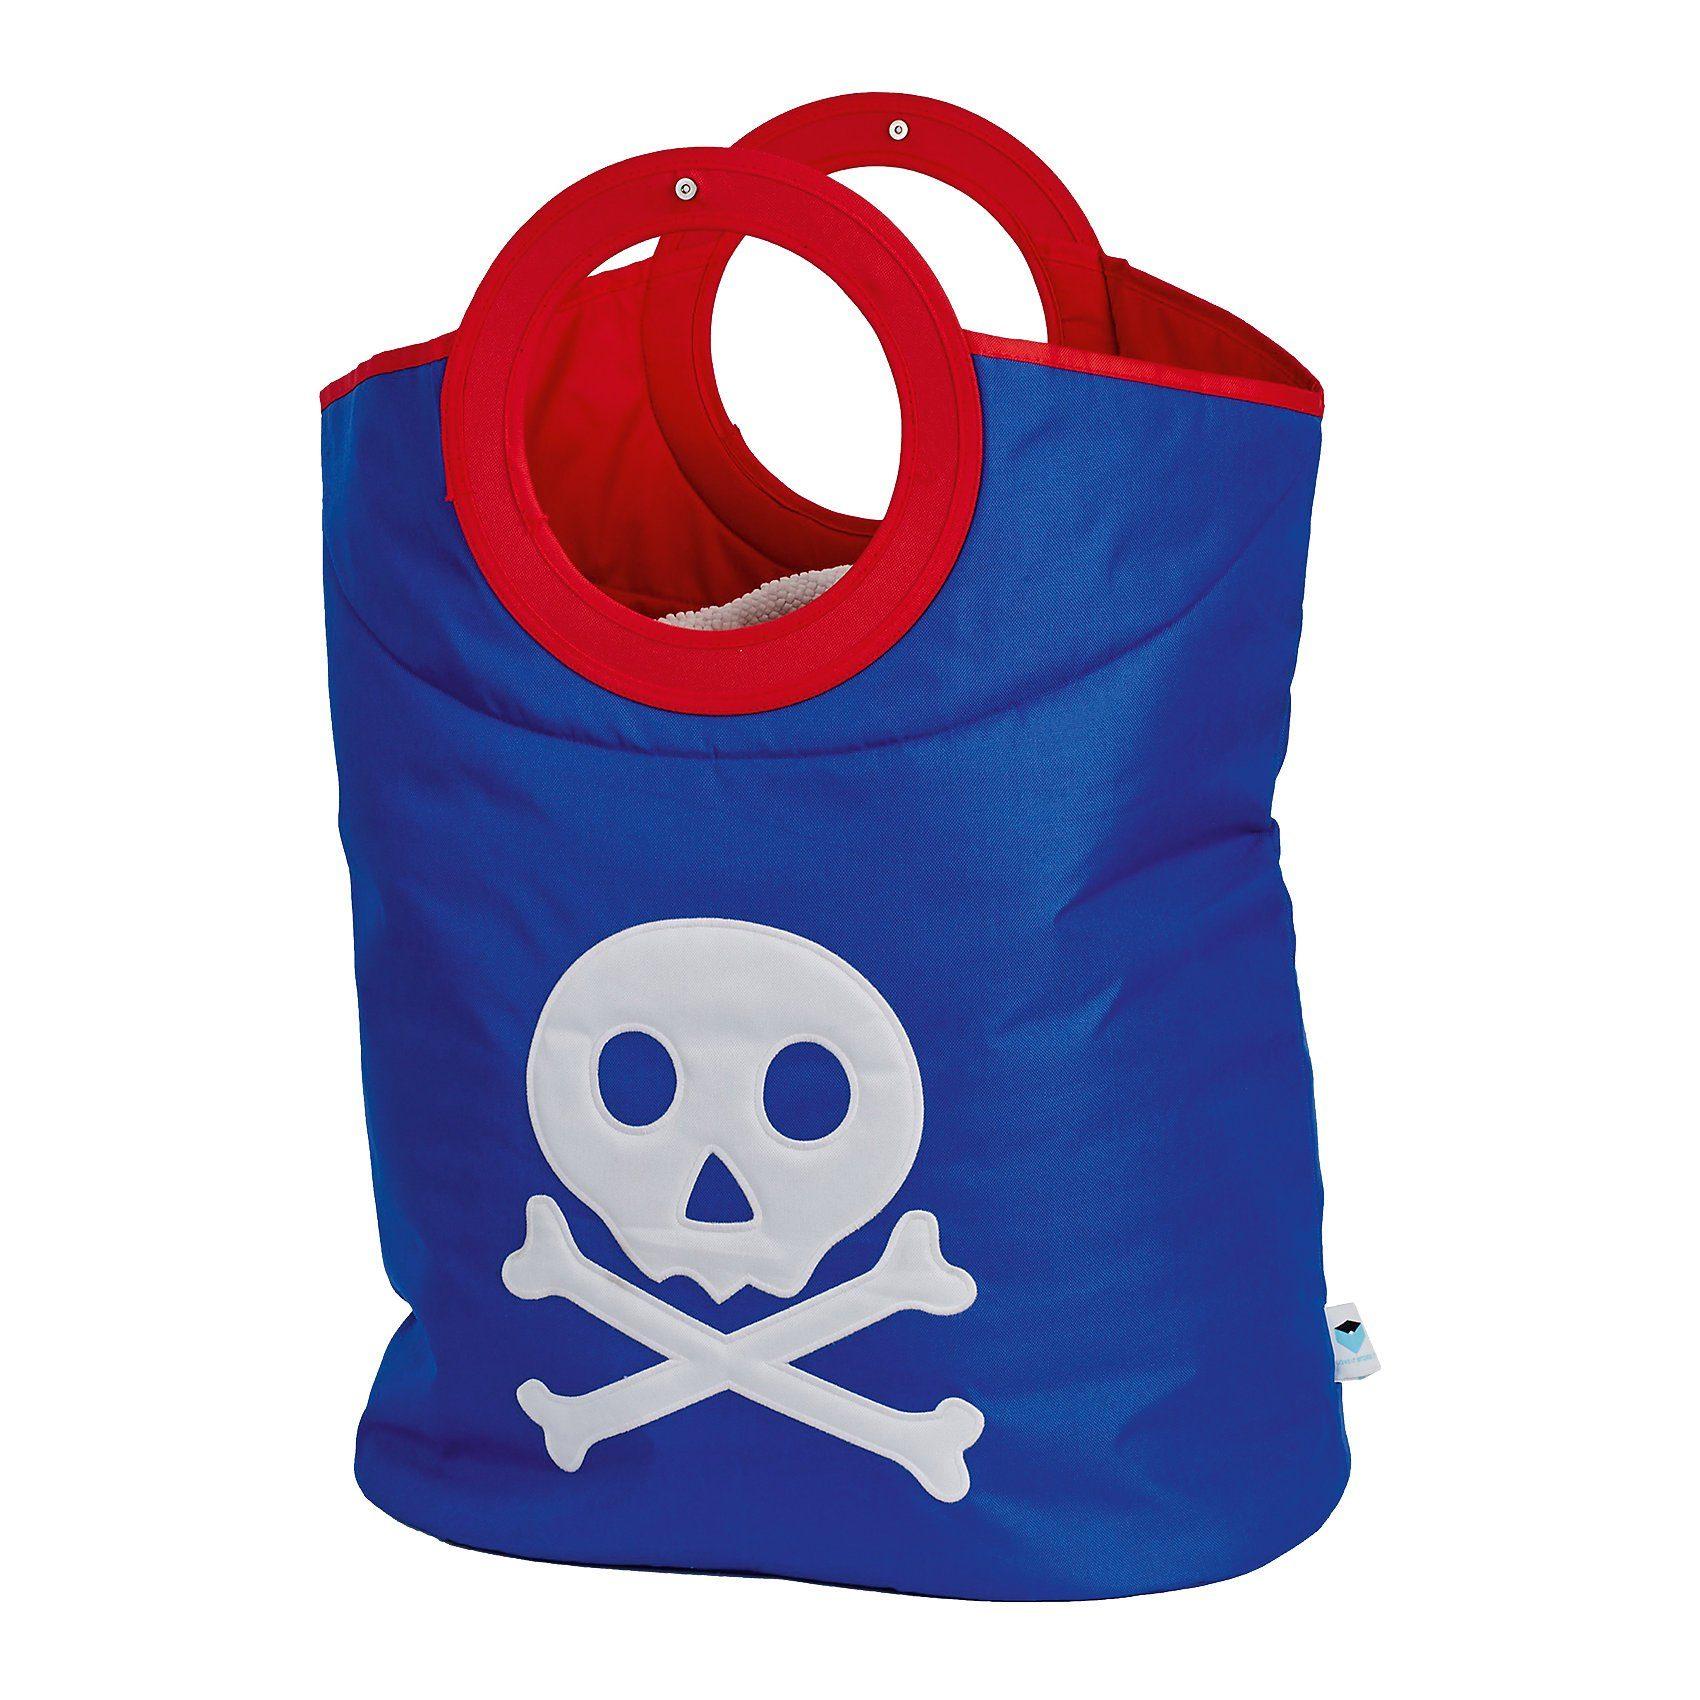 Wäschetasche Pirat, blau